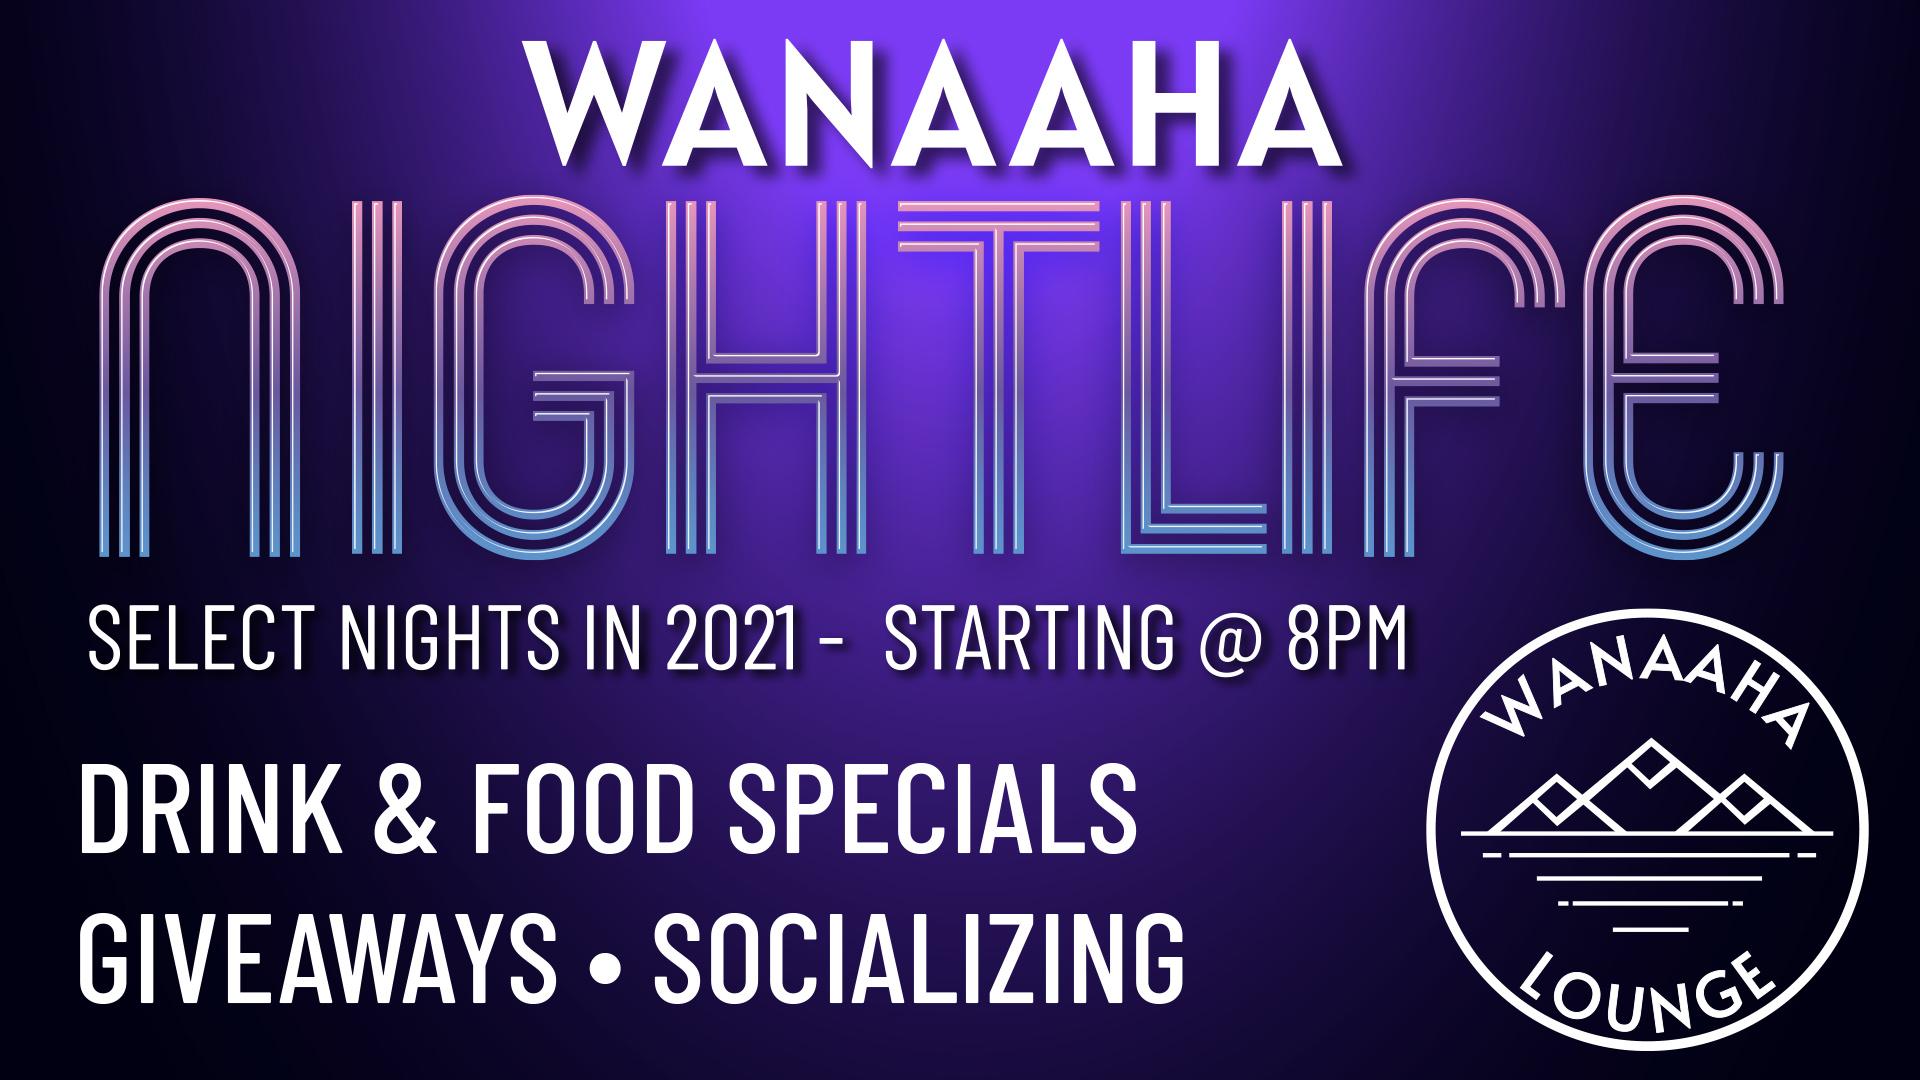 wanaaha lounge nightlife